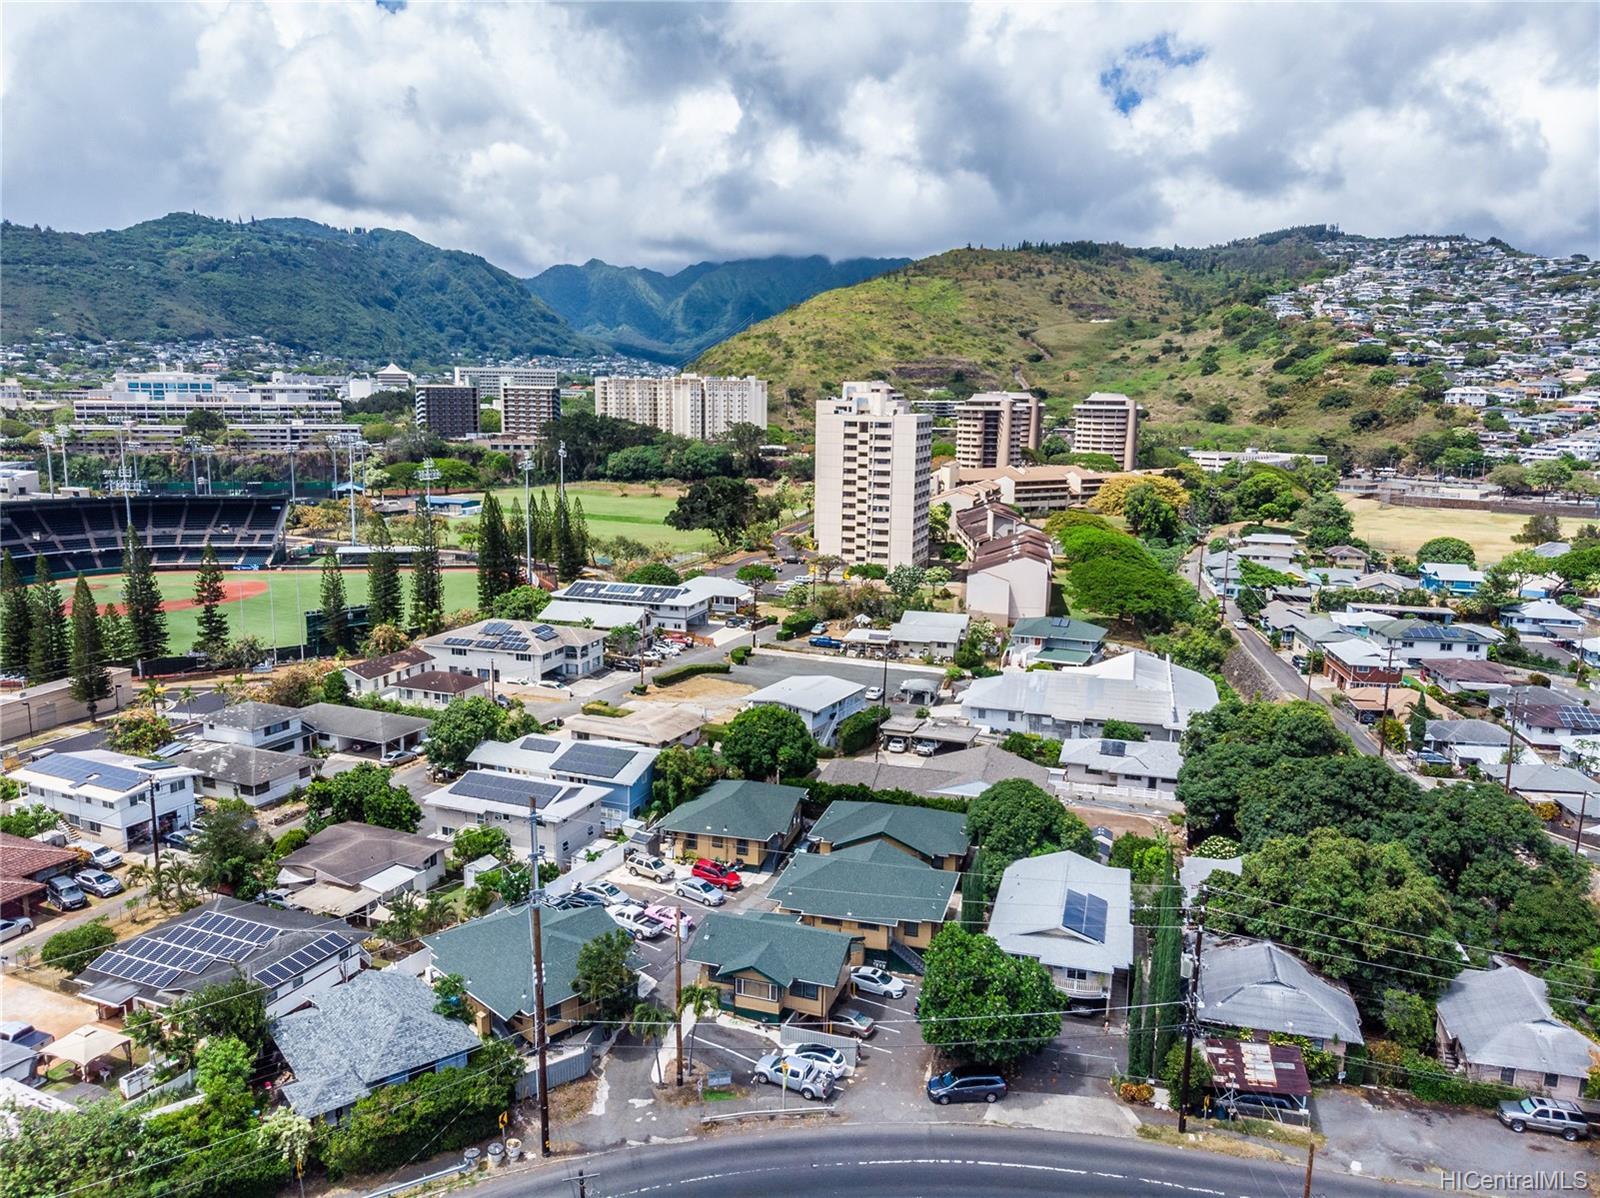 2816 Waialae Ave Honolulu - Multi-family - photo 15 of 21